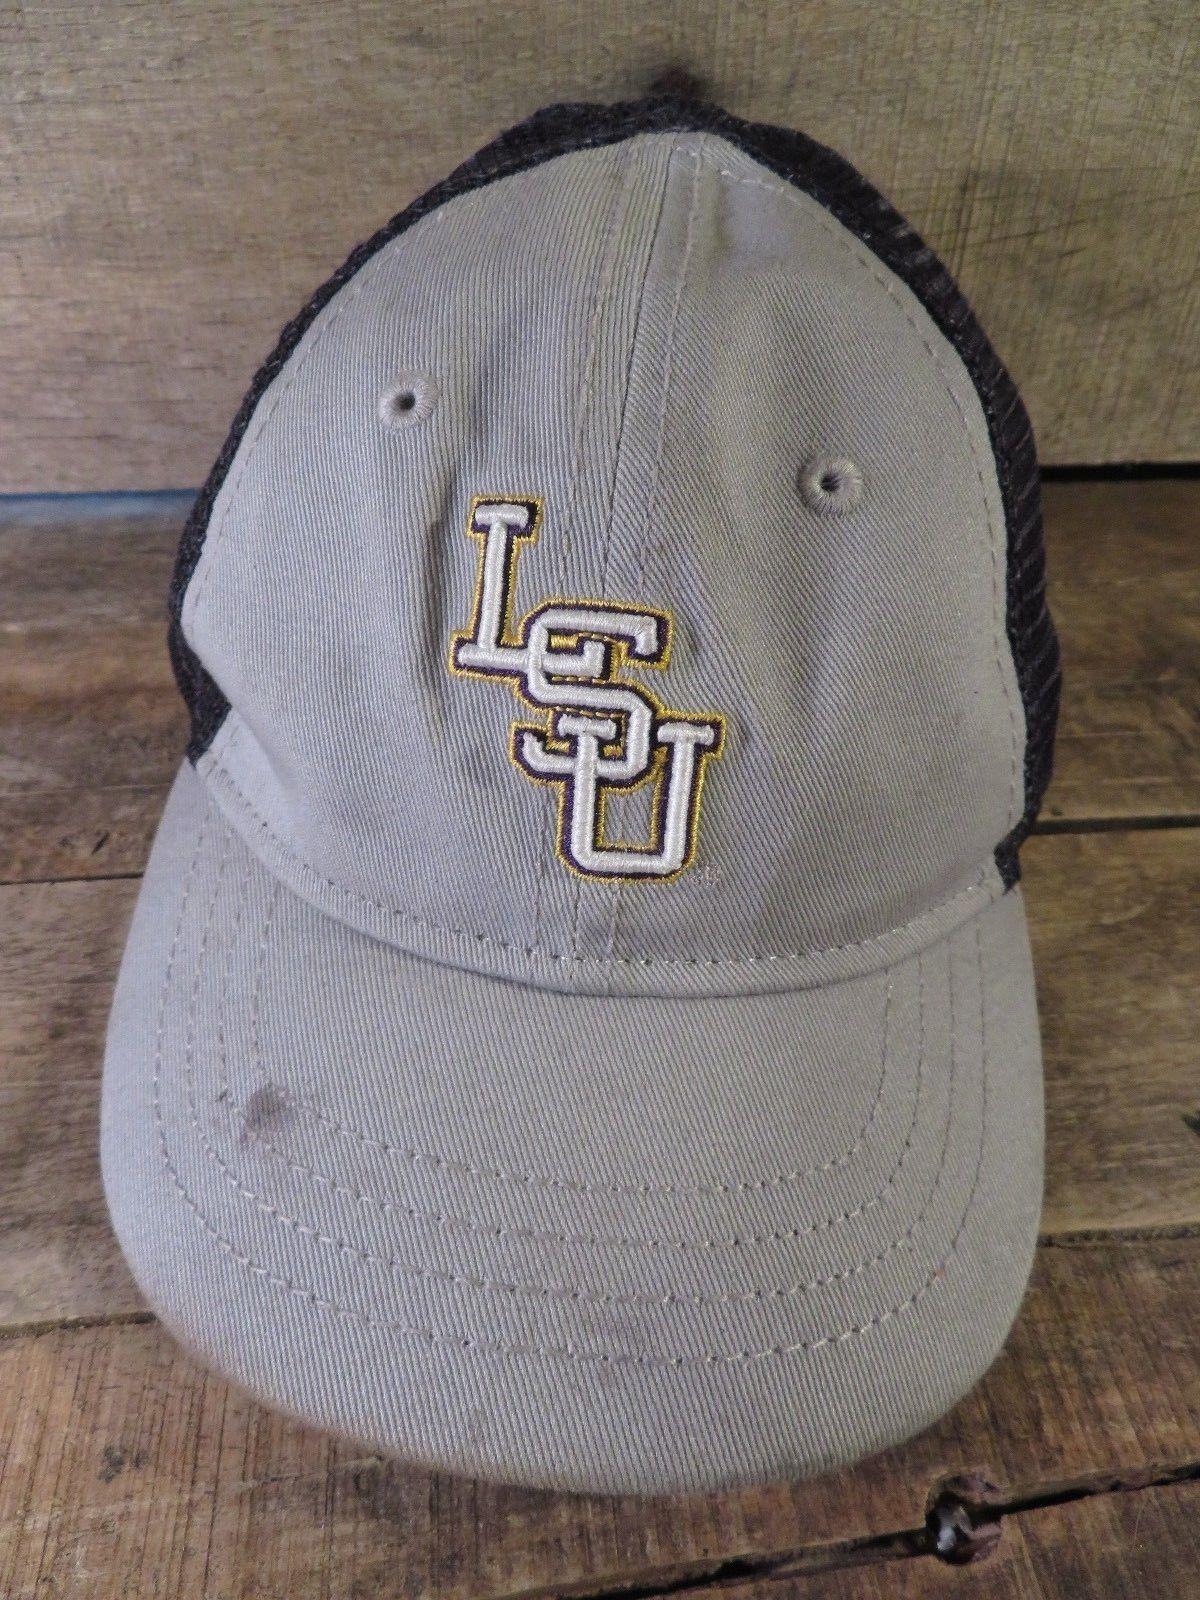 Lsu Louisiane État University New Era Enfant Bébé Chapeau